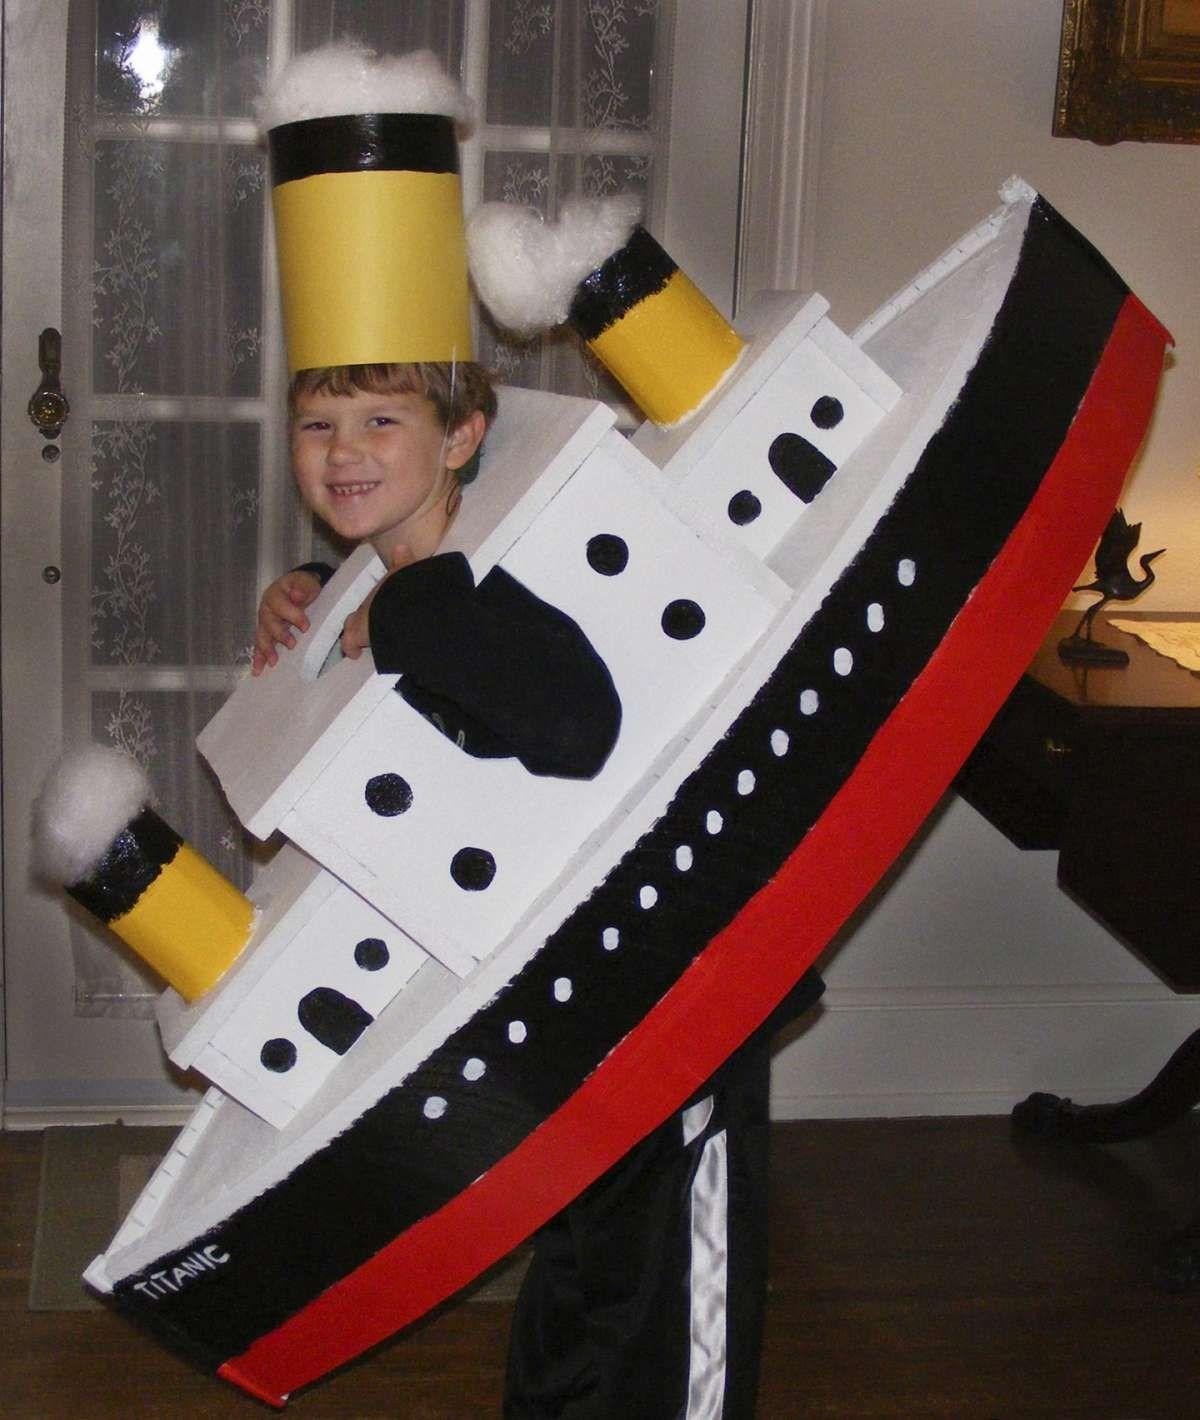 Costumi di Carnevale fai da te per bambini (Foto 31 45)  c78619ecf46